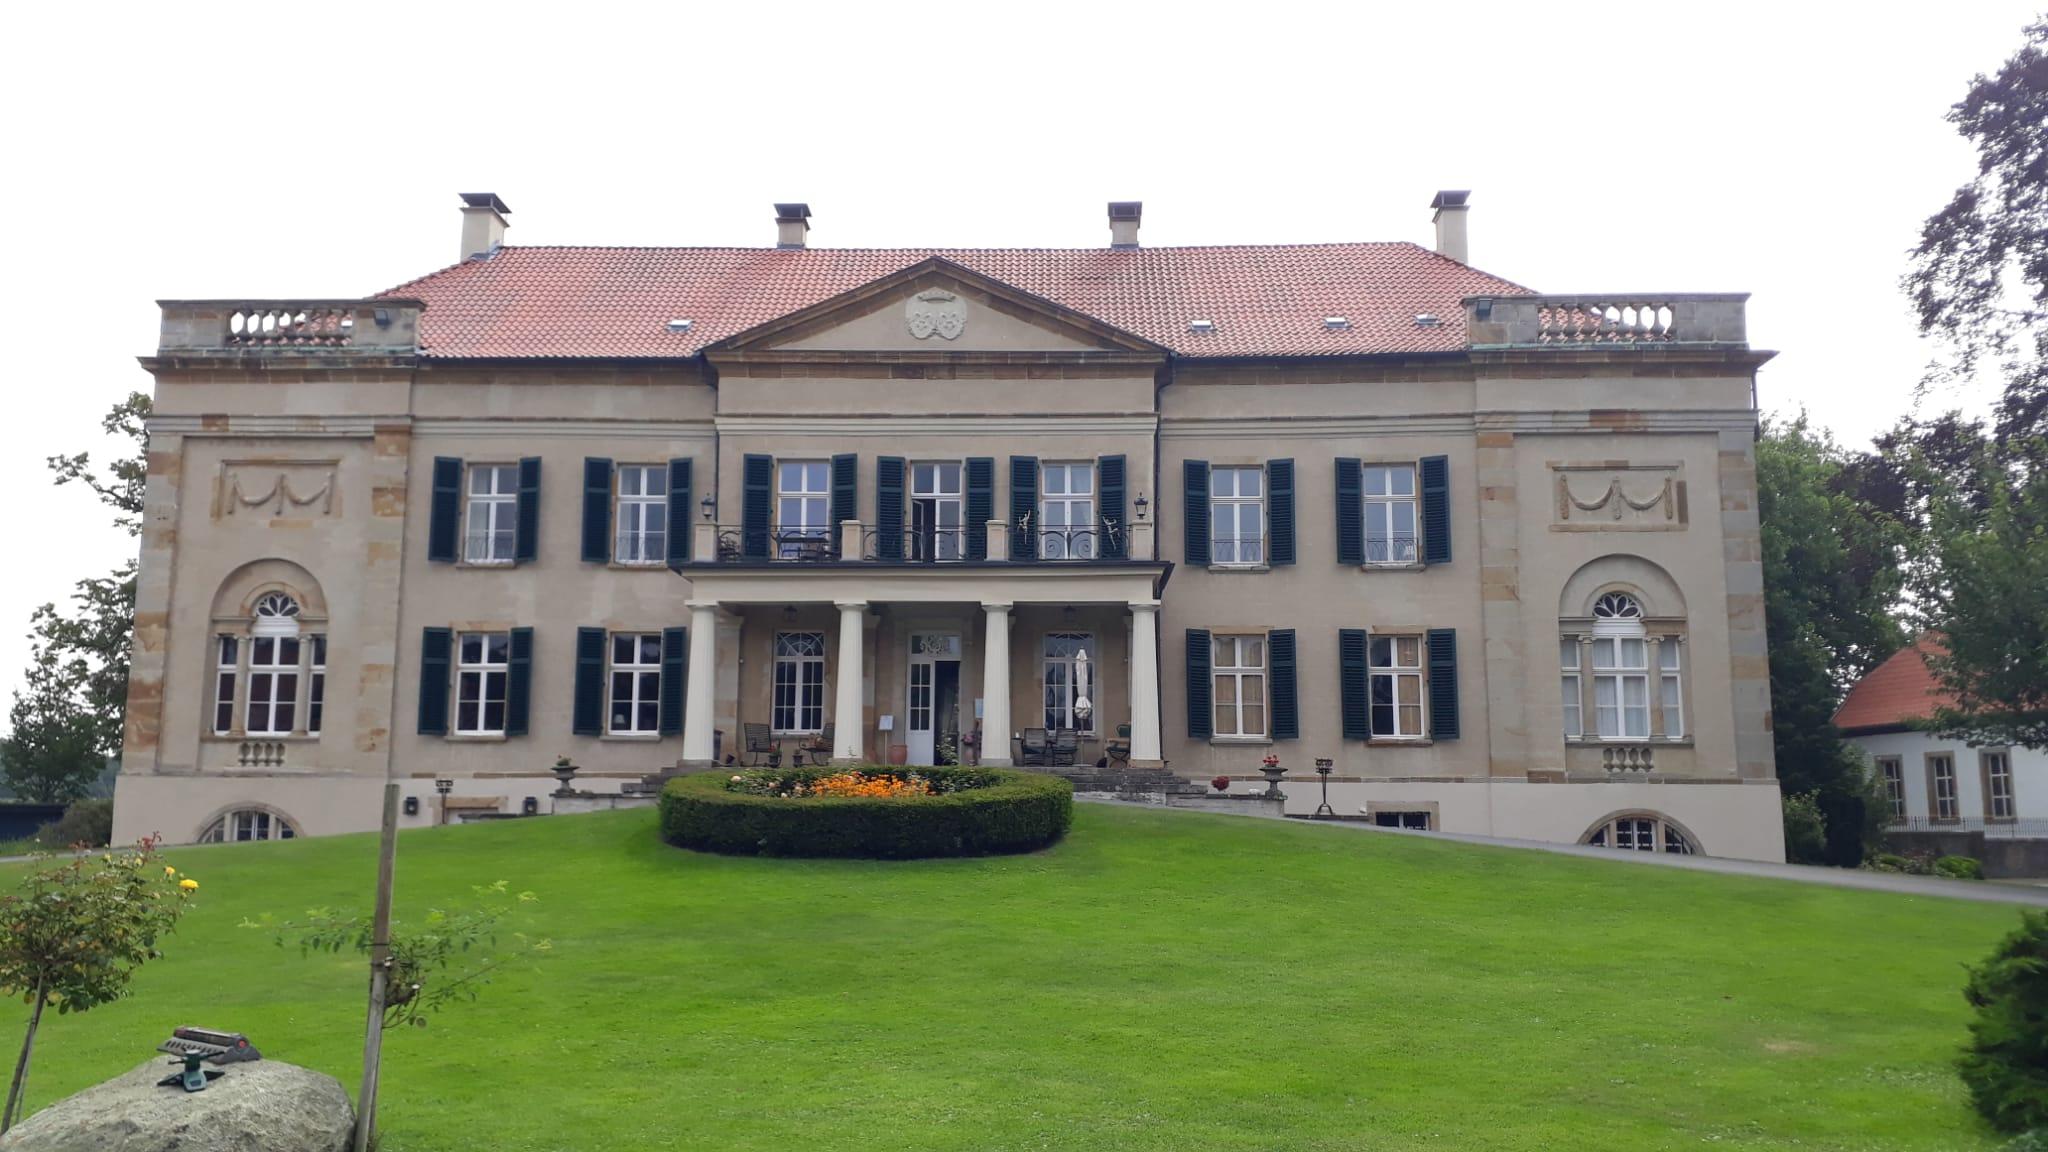 Besichtigung von Schloss Harkotten